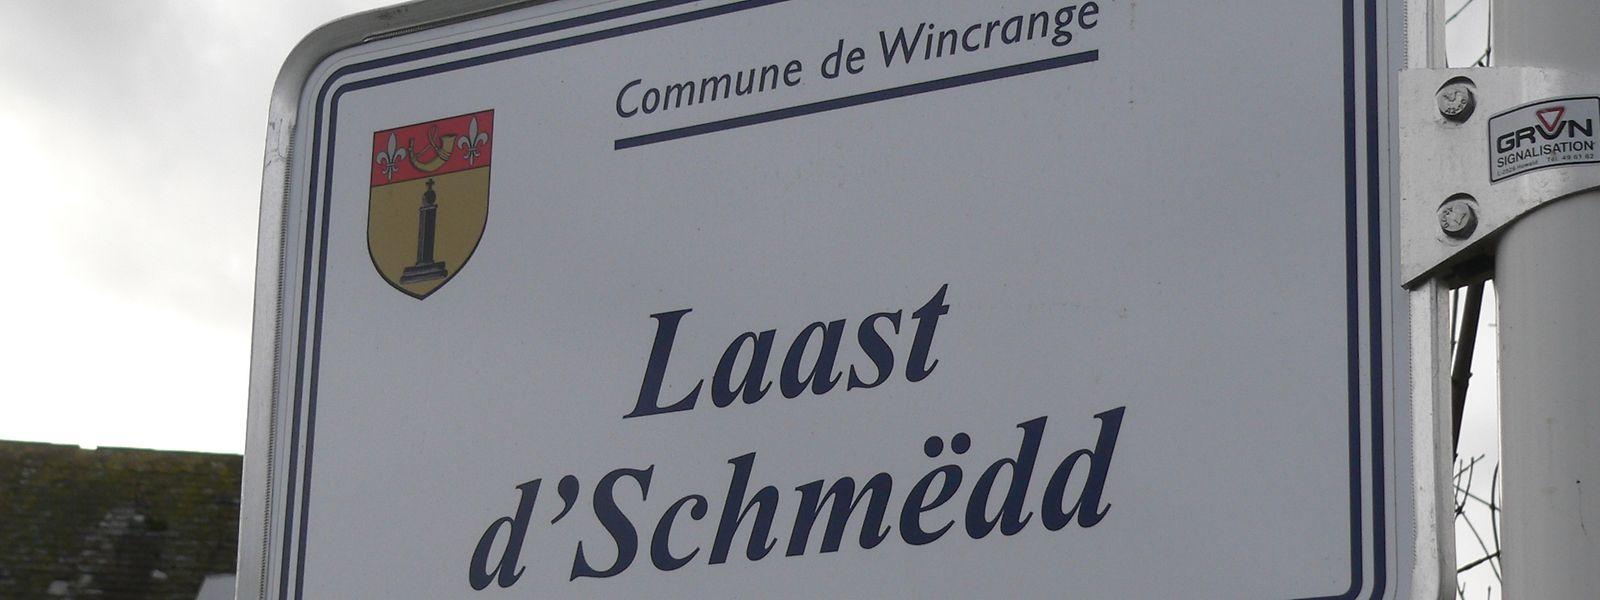 Straßennamen bewahren dem kollektiven Gedächtnis so manches Kapitel Dorfgeschichte, das ansonsten in Vergessenheit zu geraten droht.